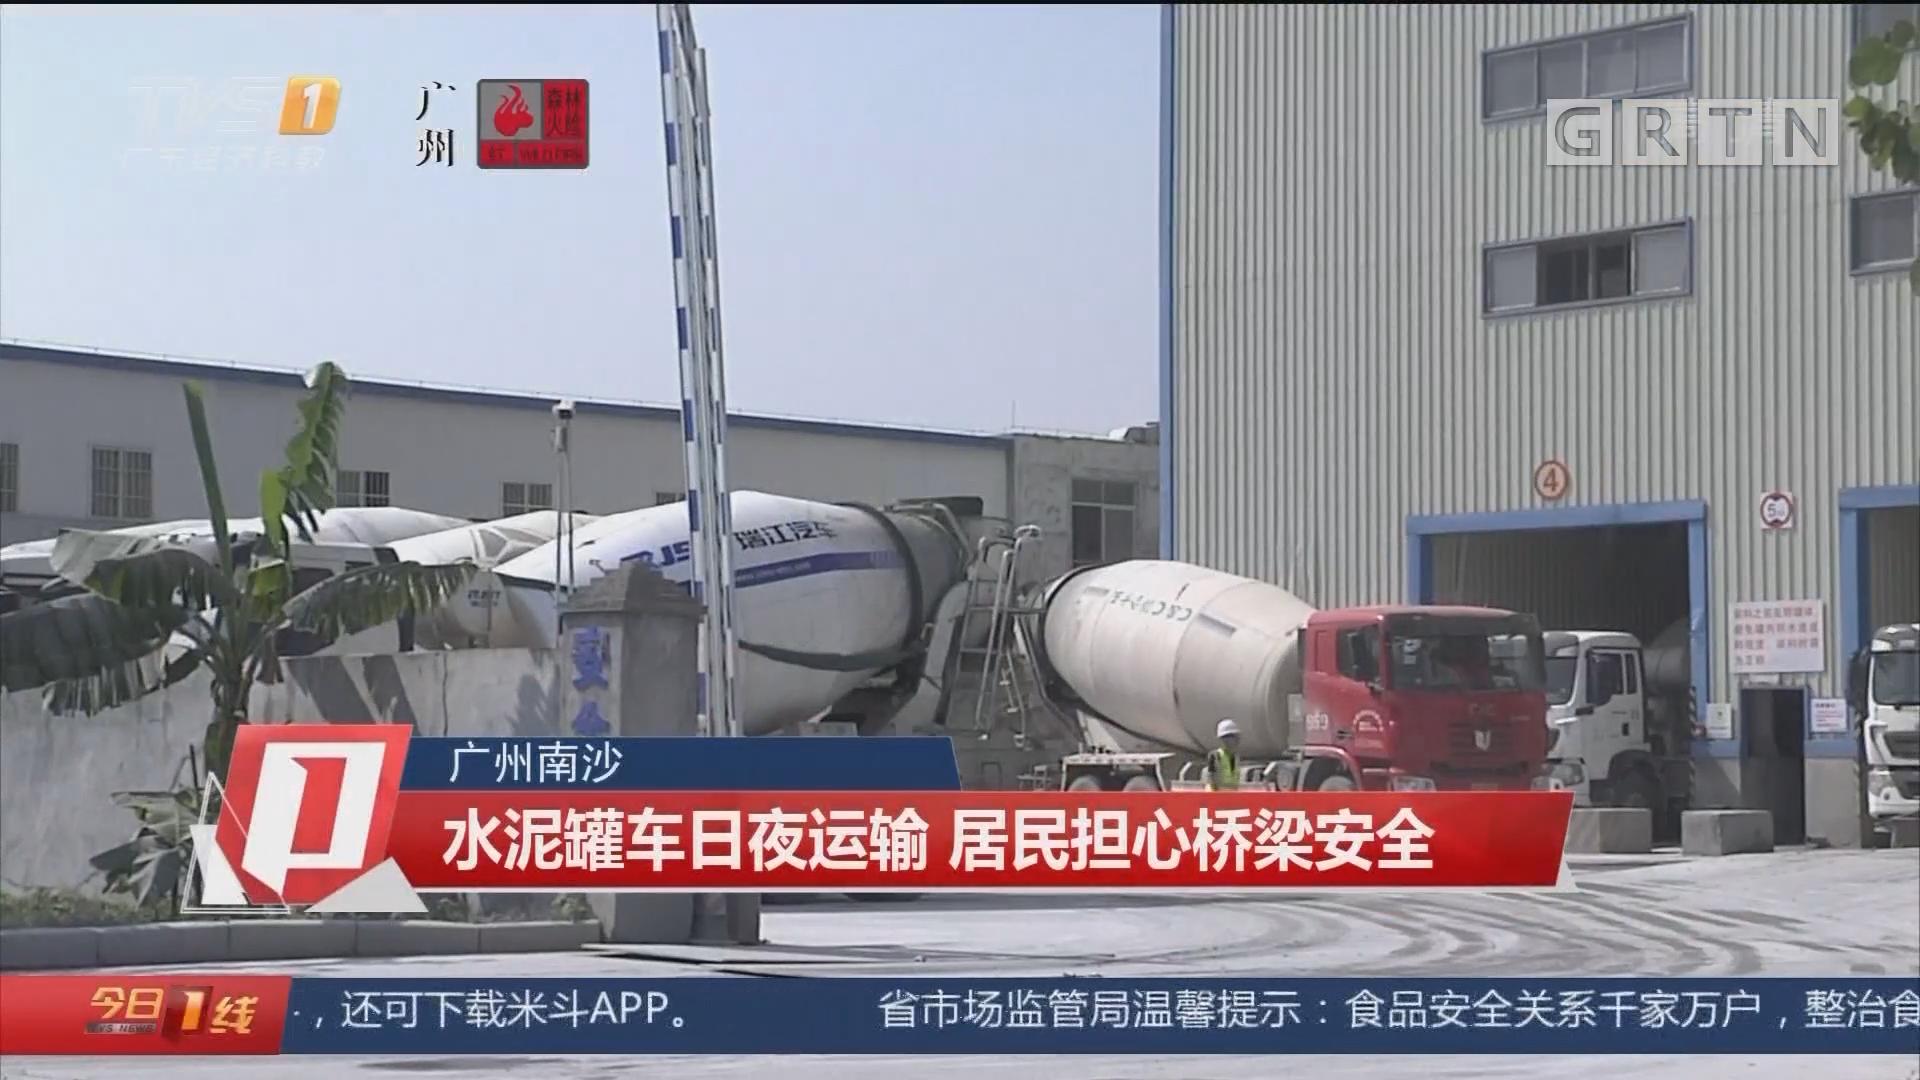 广州南沙 水泥罐车日夜运输 居民担心桥梁安全